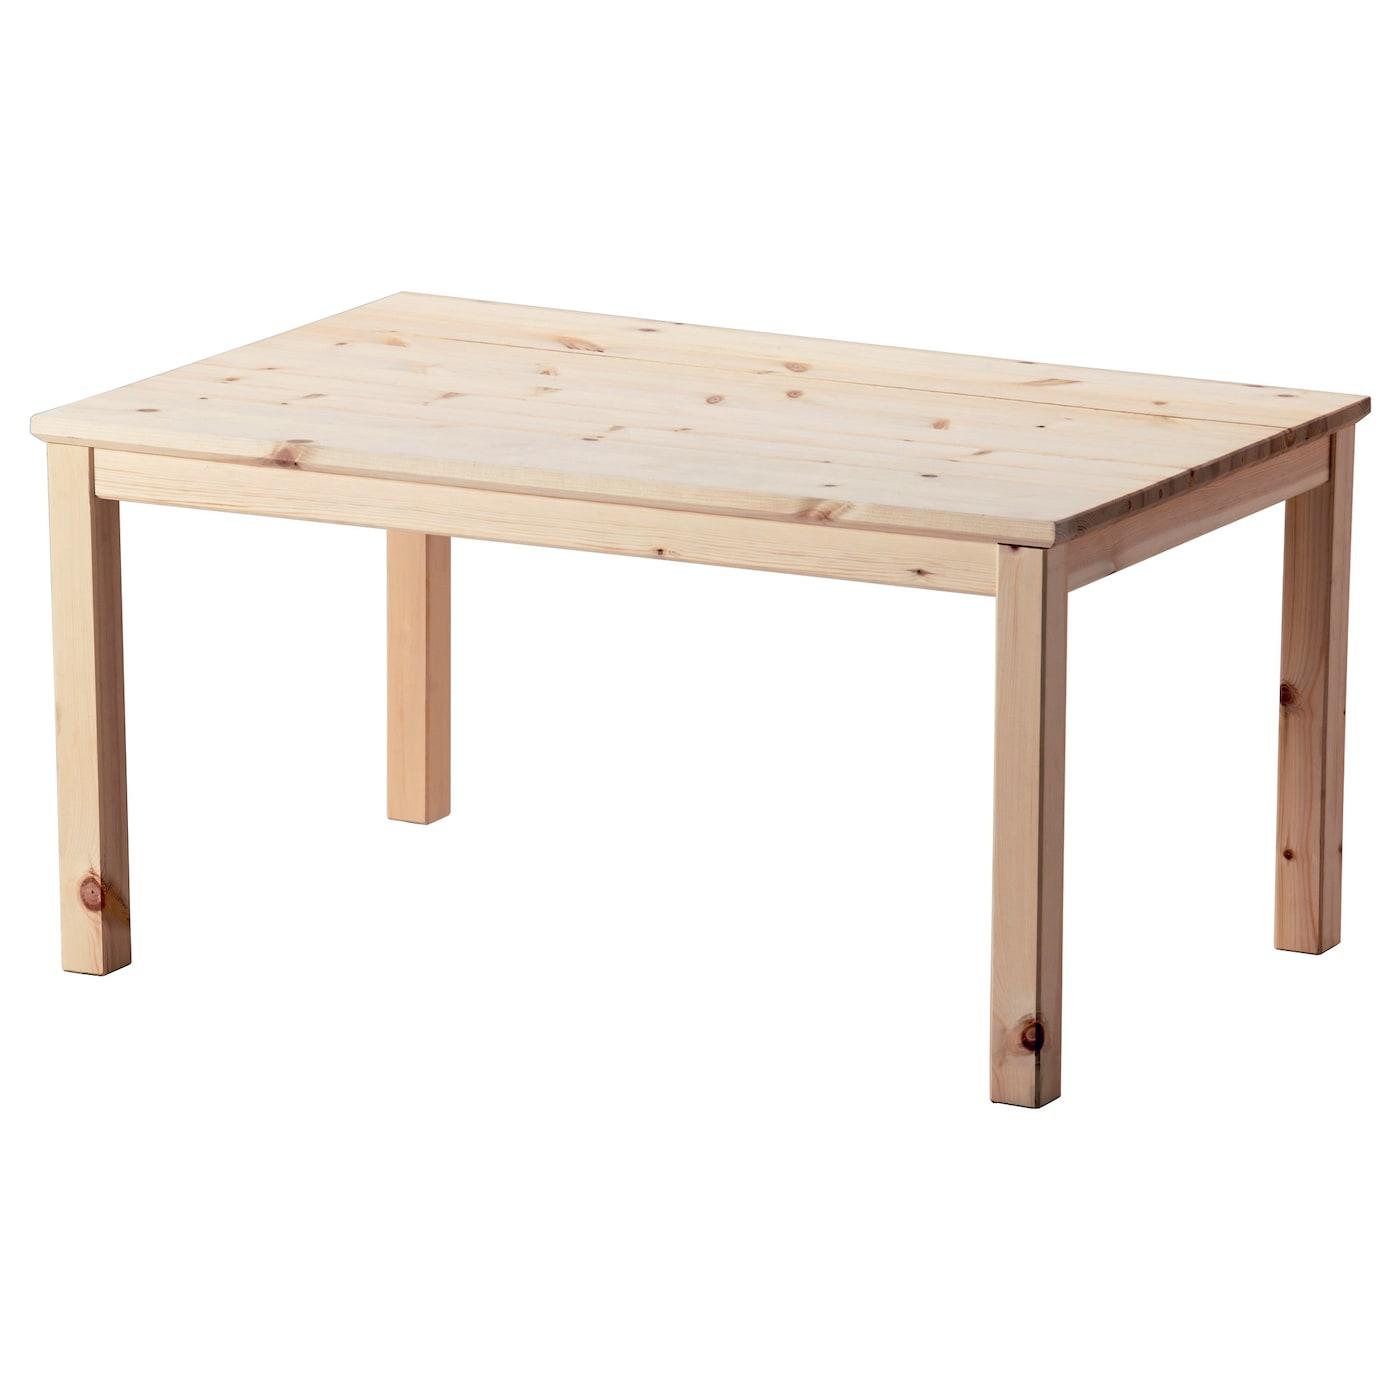 table basse design table basse relevable ikea. Black Bedroom Furniture Sets. Home Design Ideas